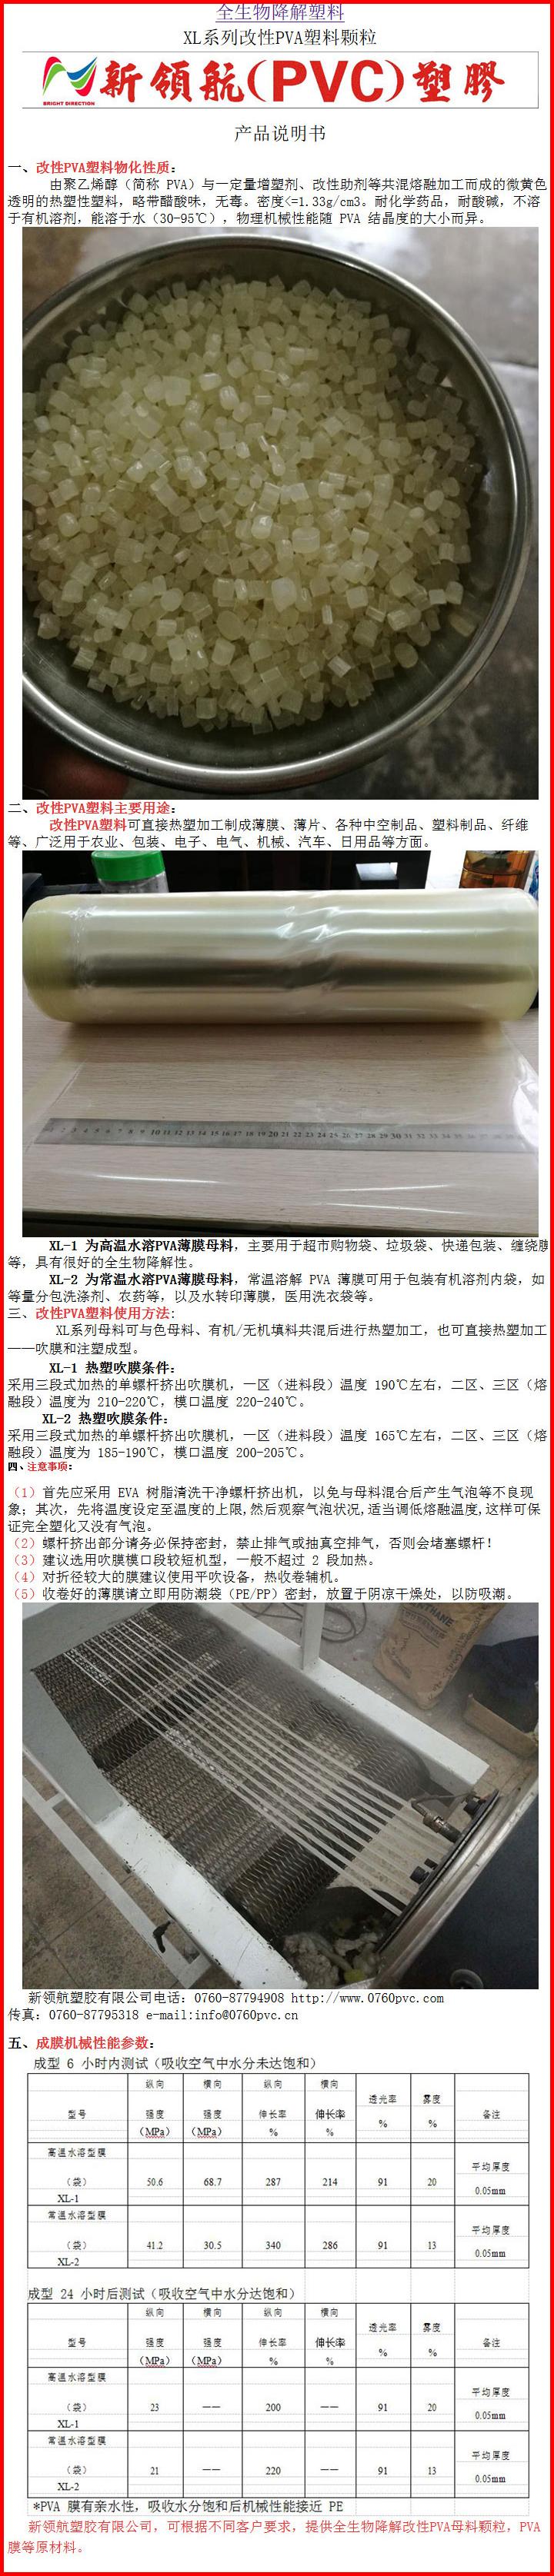 案例1-14.jpg